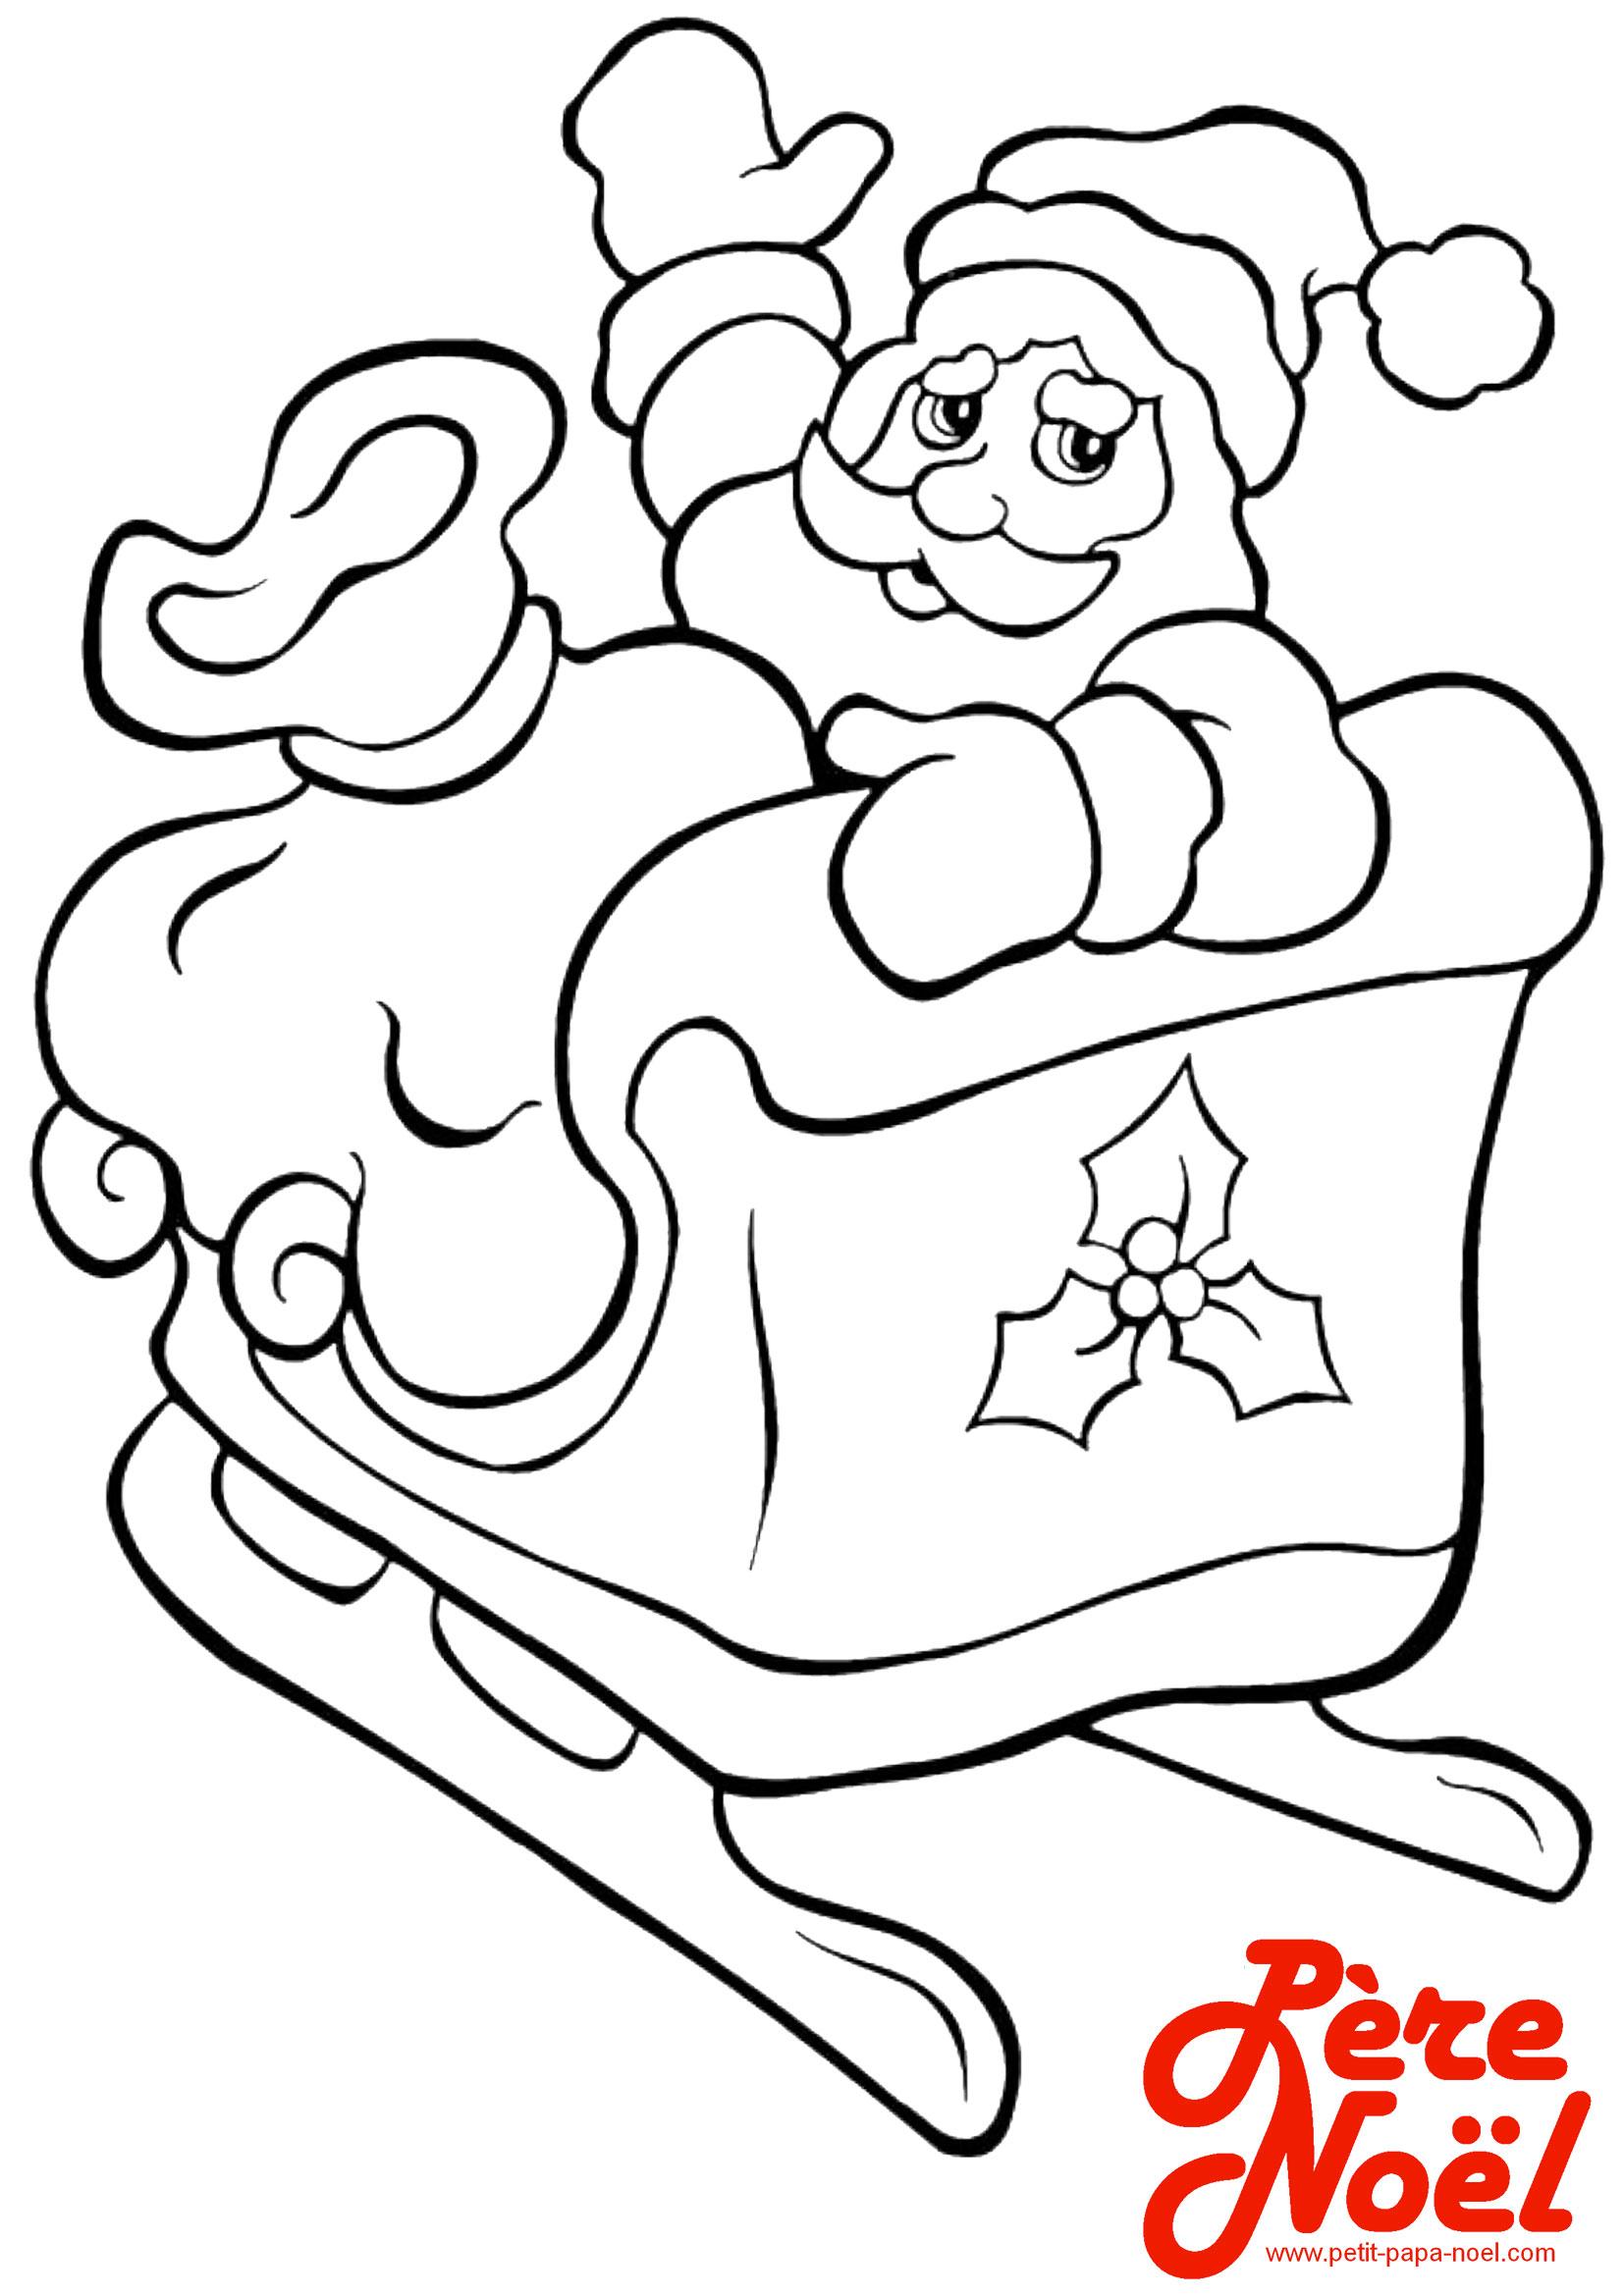 Coloriage : Traîneau du Père Noël   Petit Papa Noël